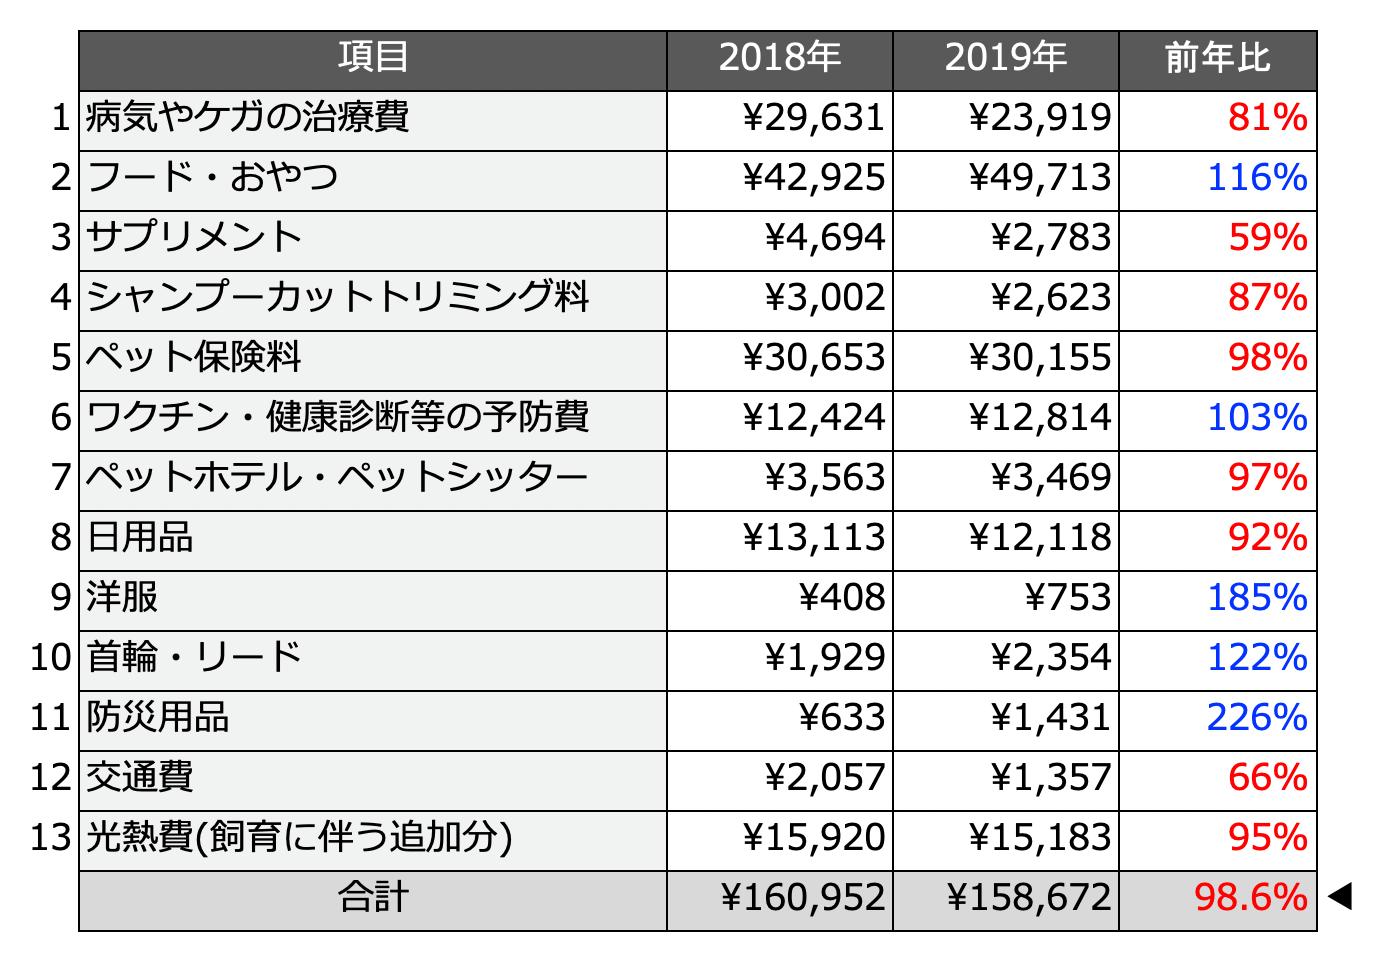 2018年と2019年の「猫に関する年間支出額&猫の飼育費用」